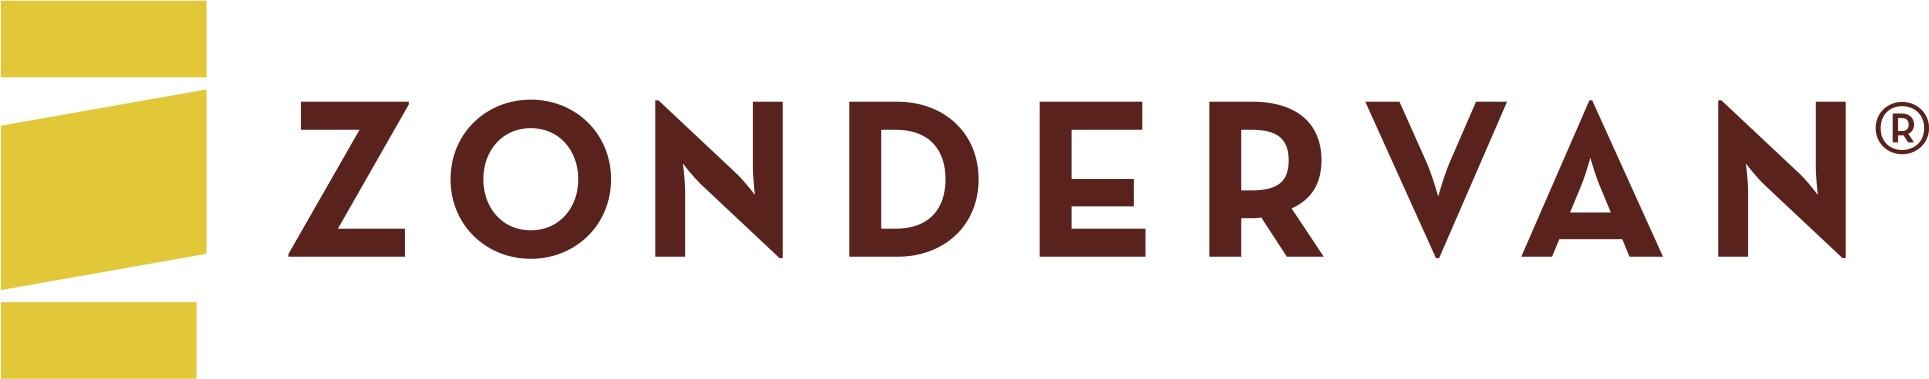 logo_z_hor_2c_cmyk.jpg